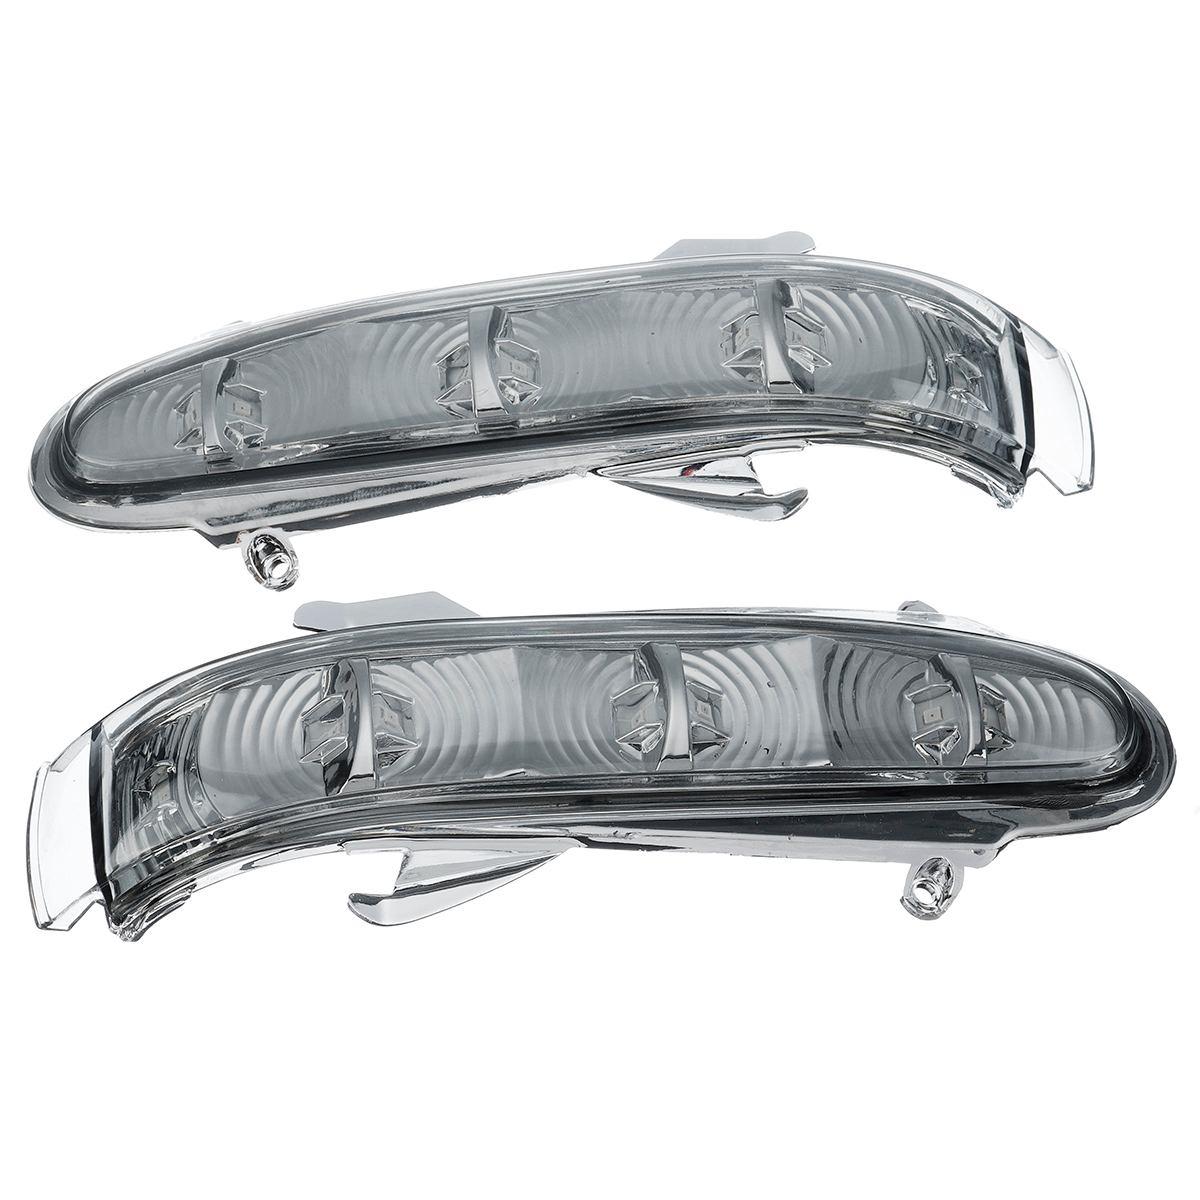 RETYLY Indicador de Espejo Retrovisor de Luz Intermitente de 1 Par para Mercedes W220 Clase S 1999-2002 W215 Clase CL 1999-2003